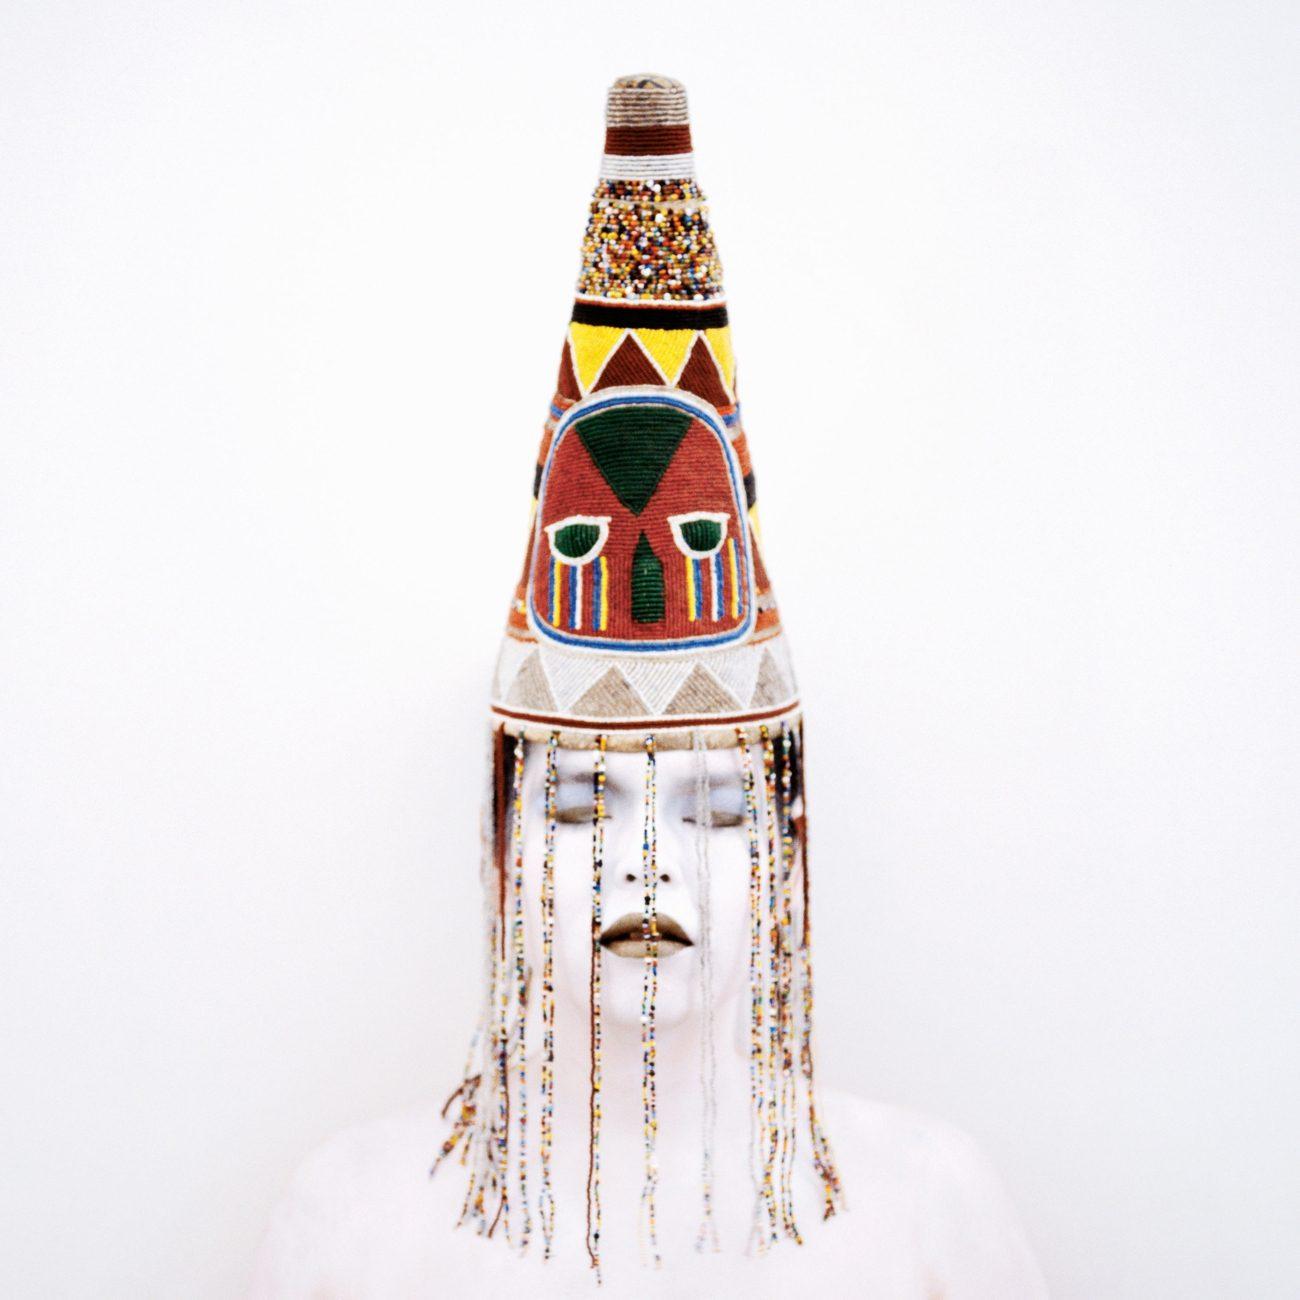 The Red Yoruba Bride, Nigeria (Self-portrait)